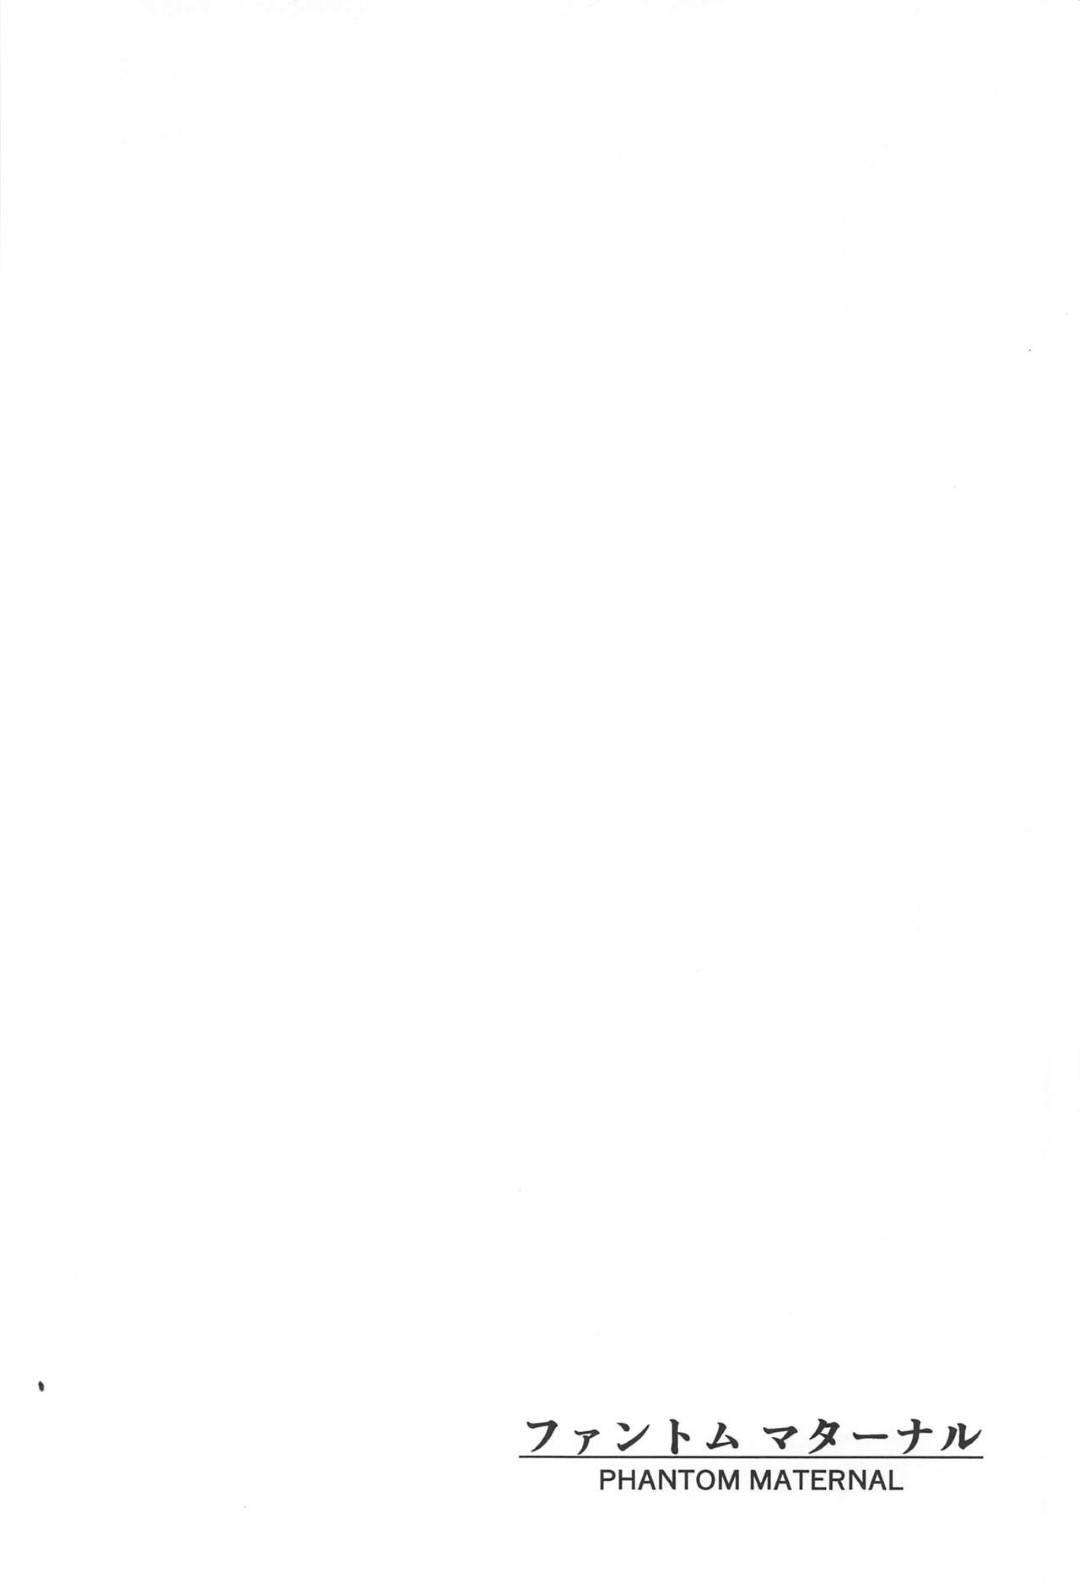 【エロ同人誌】夜な夜な男の仕事場に潜り込む誘惑痴女…誰もいない2人きりの部屋でご奉仕フェラチオで射精させて夜な夜な遅くまで中出しアクメは続く!【グリザイアファントムトリガー】